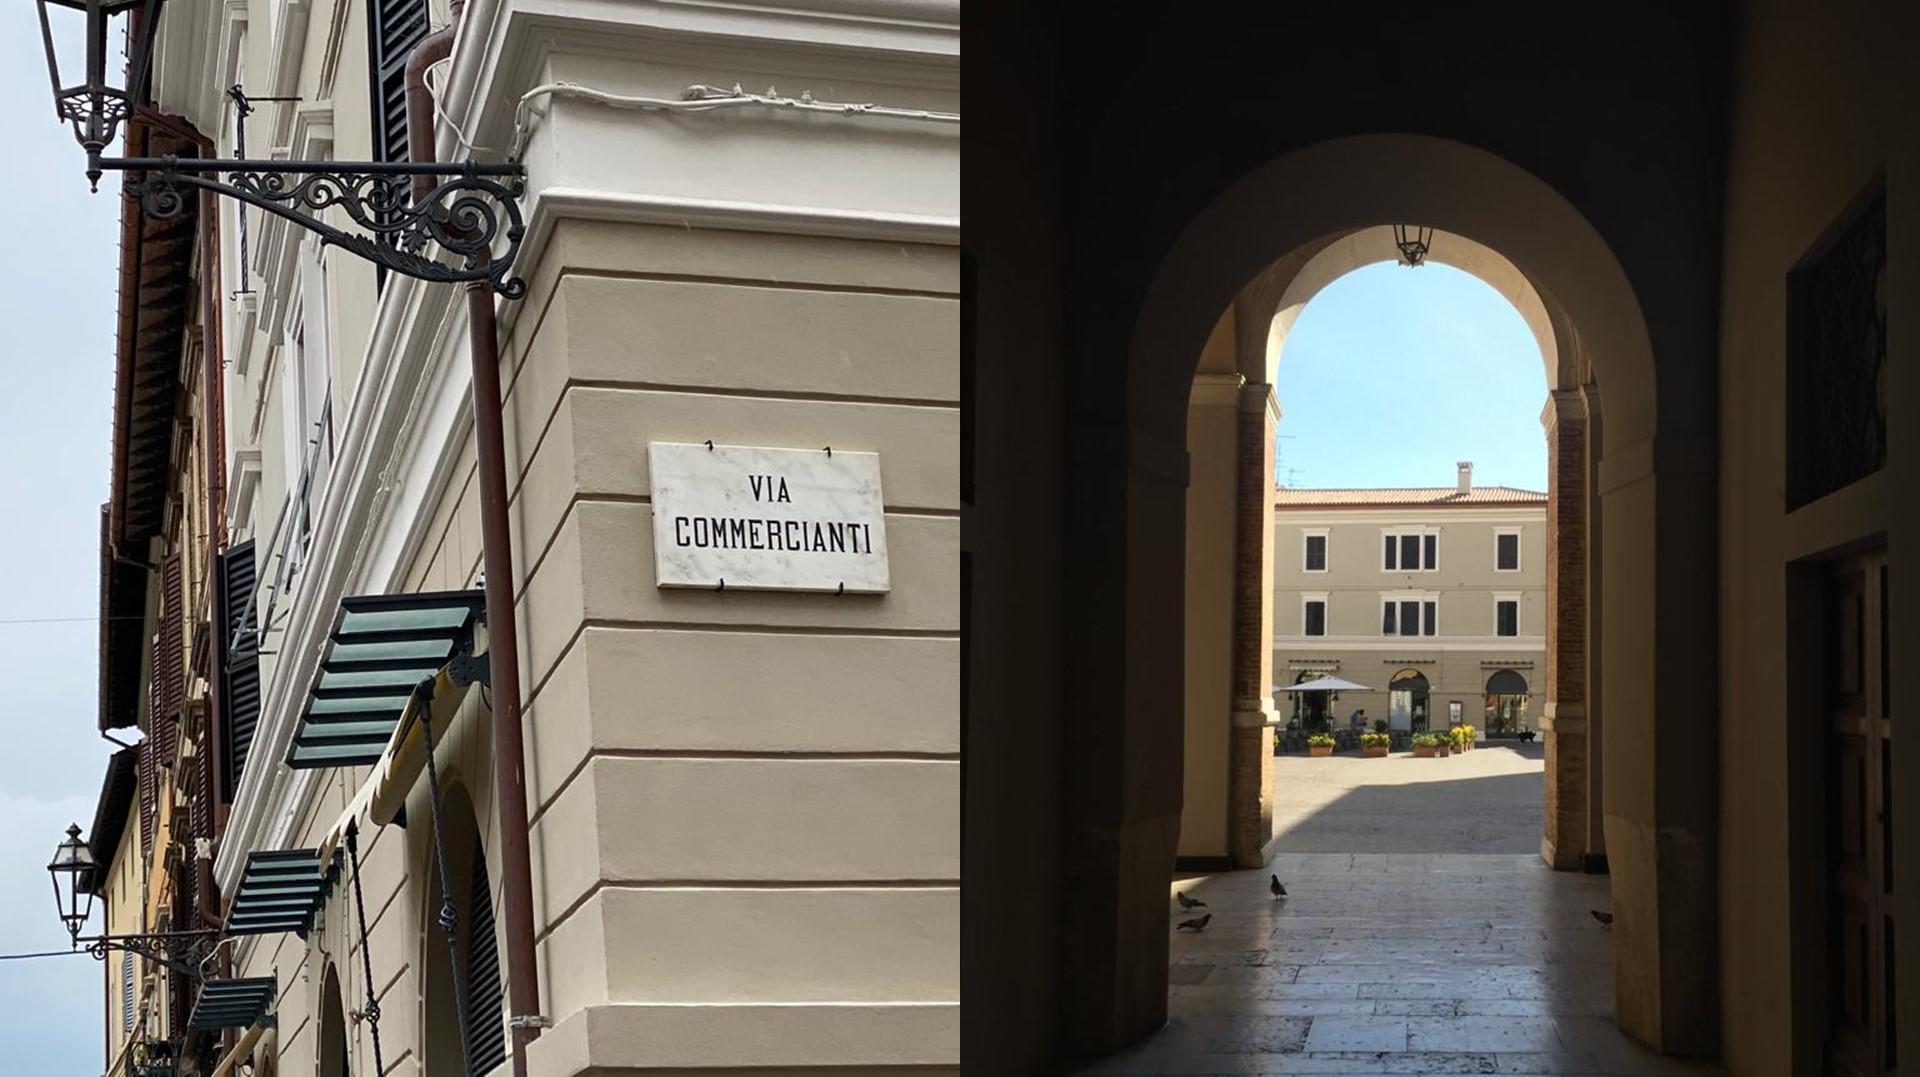 Riqualificazione edificio storico Senigallia via Commercianti